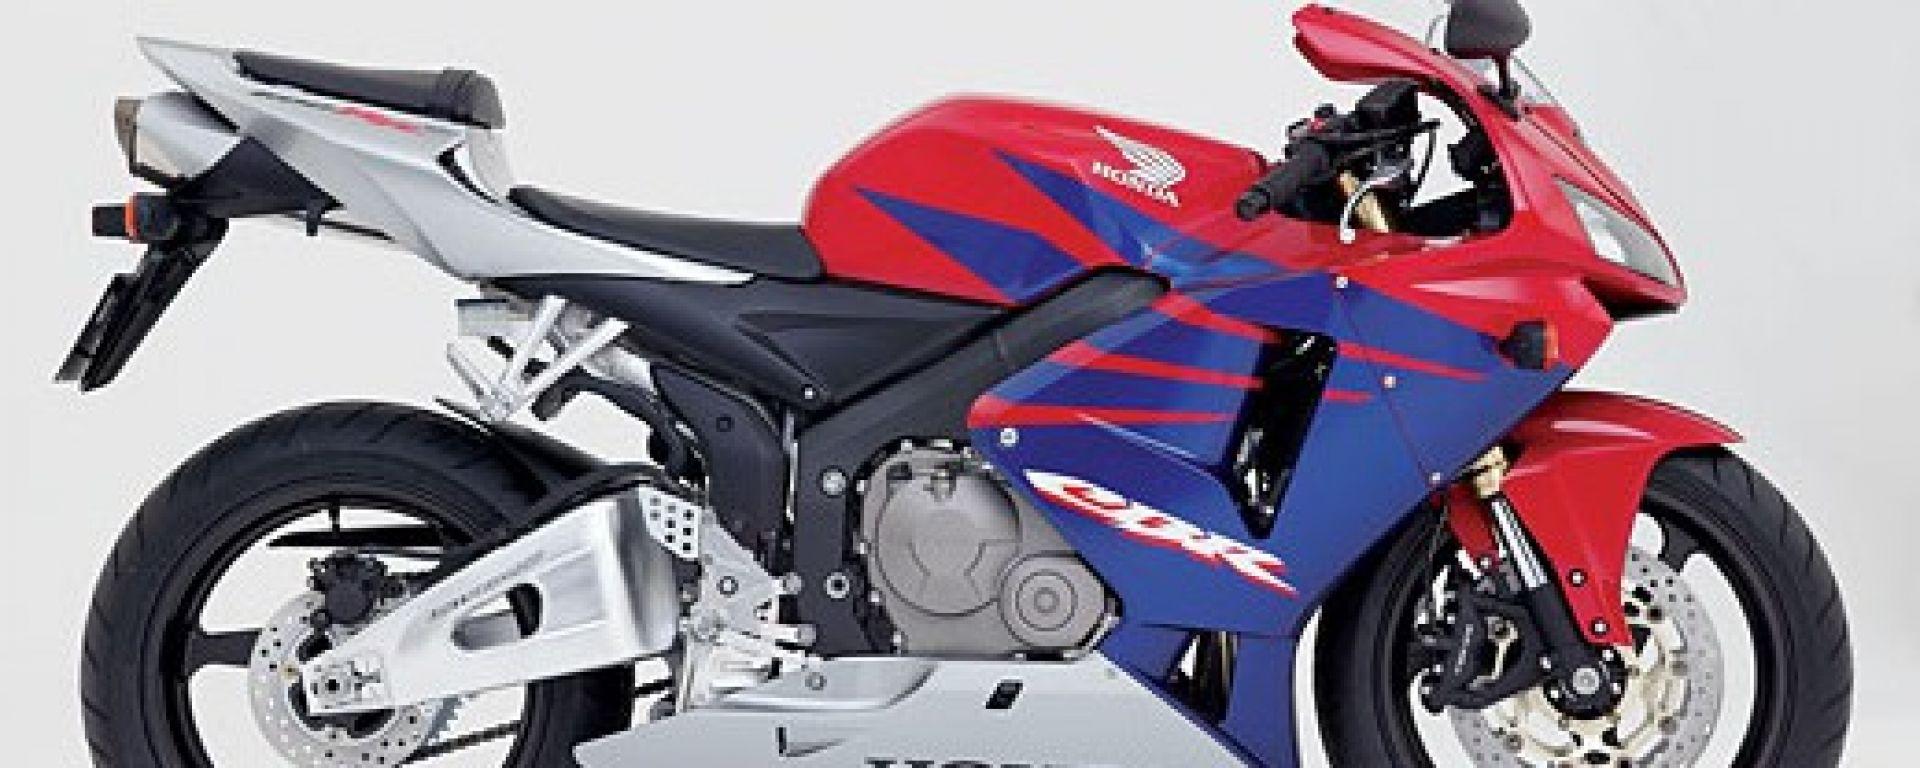 Honda CBR 600 RR 2005